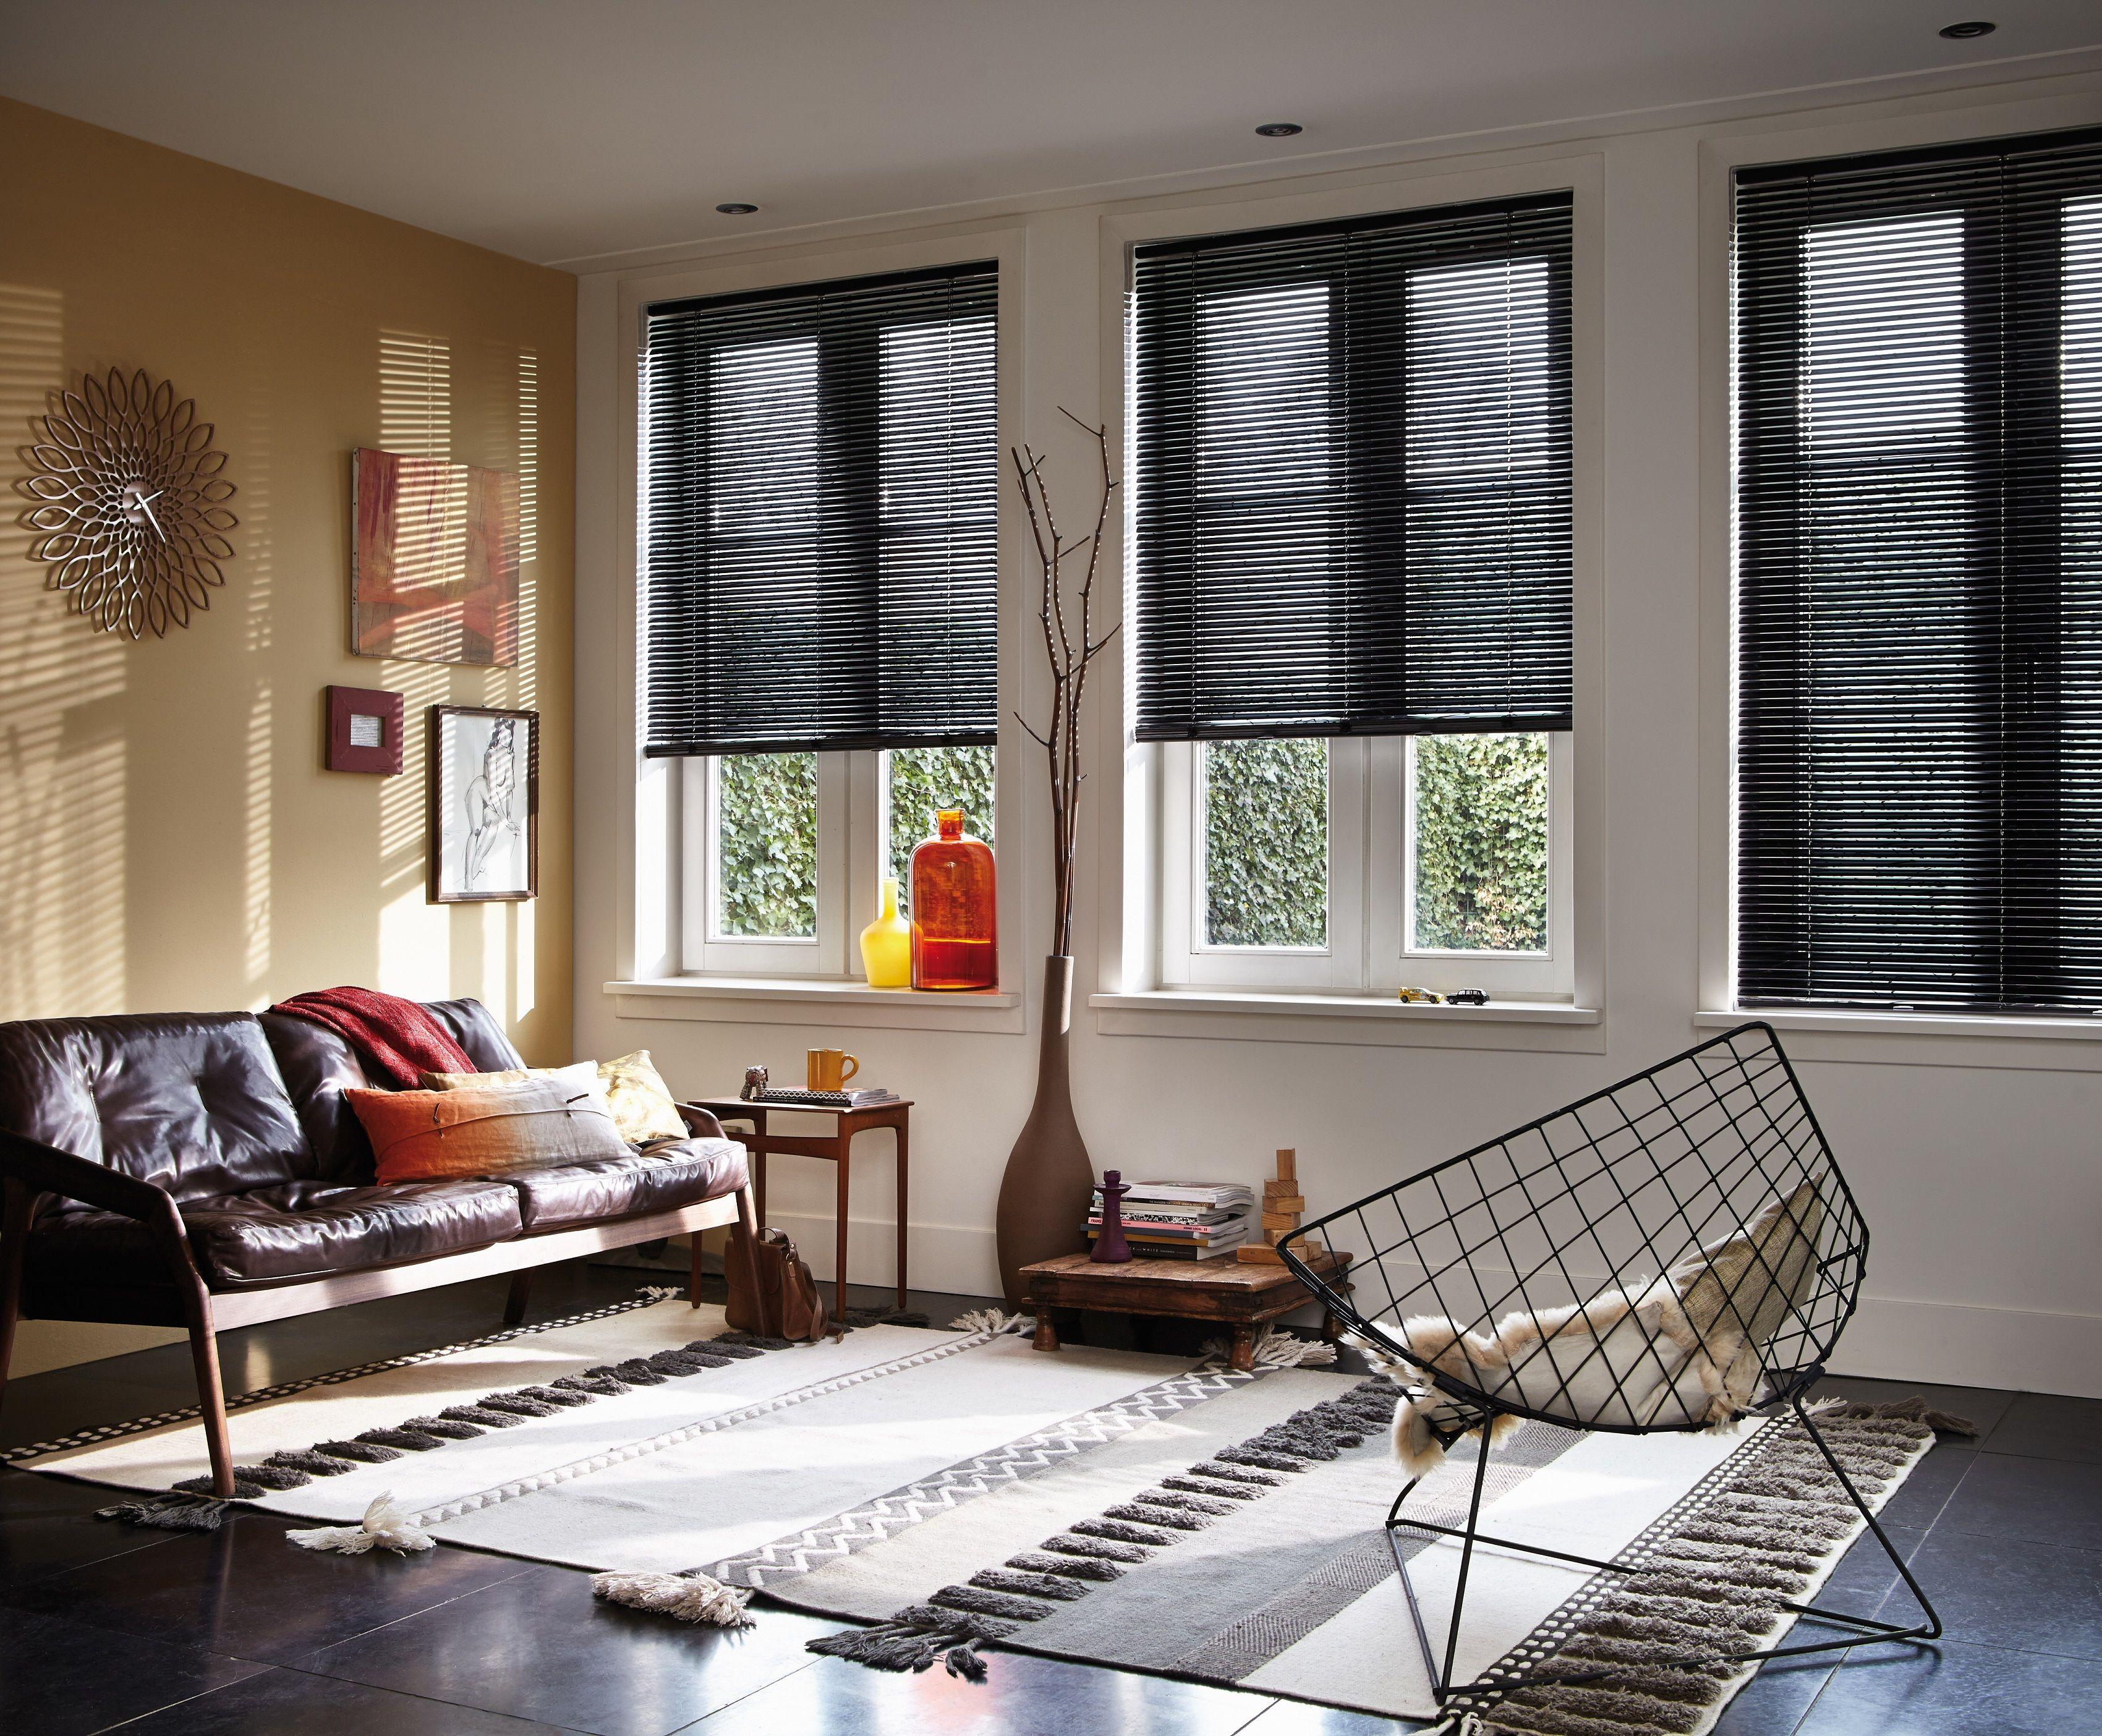 Wohnzimmer Rollos ~ Jalousie #leha #wohnzimmer pinned by www.wagner fenster.at